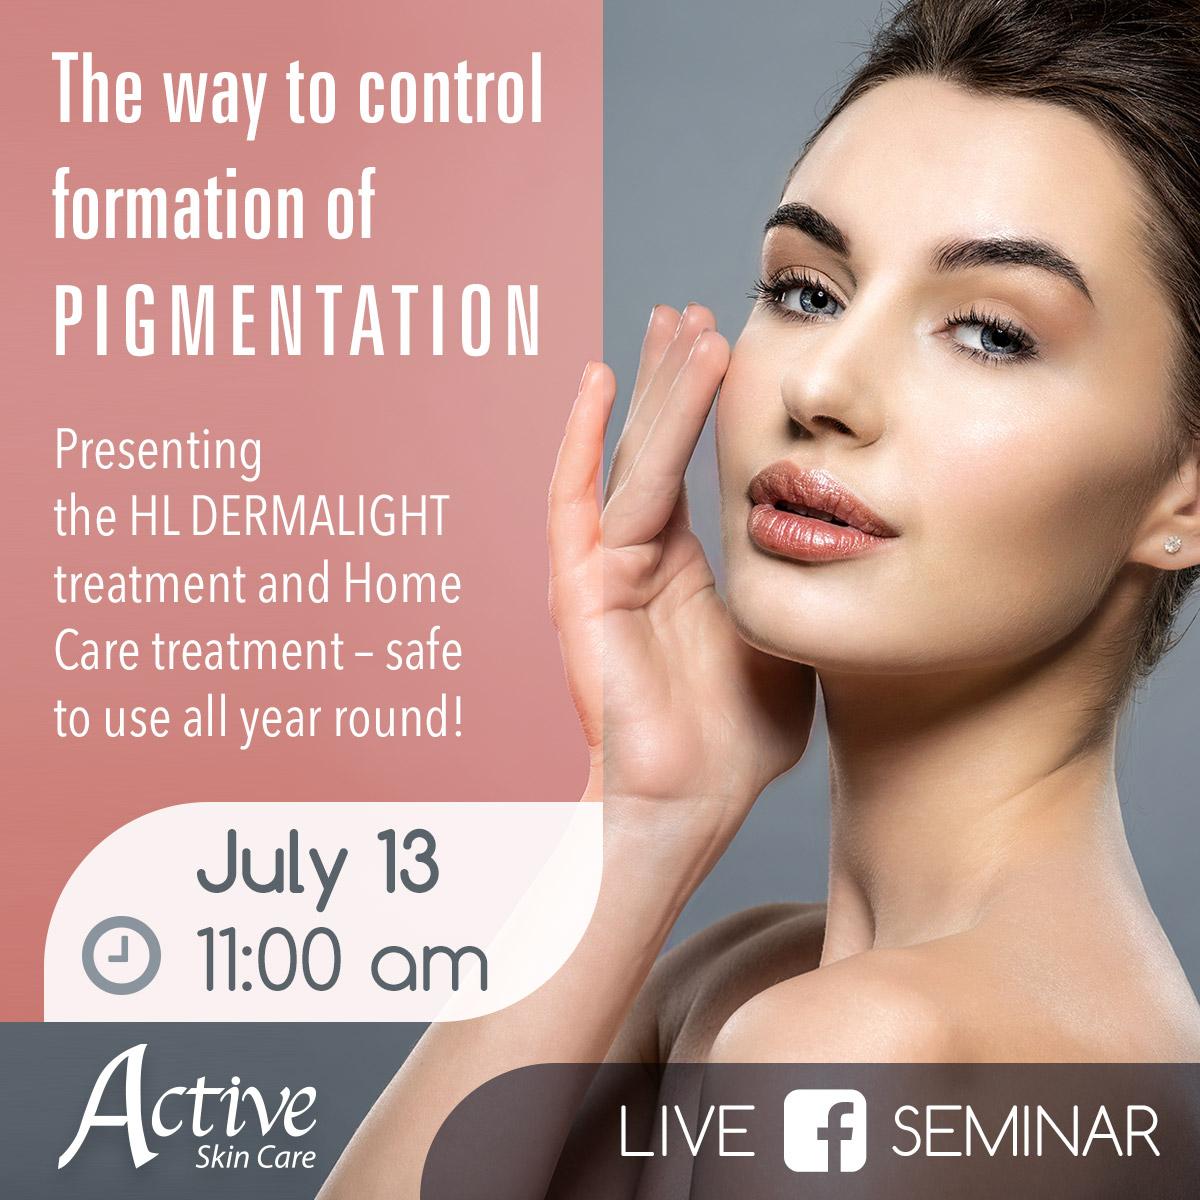 Upcoming Facebook Live Beauty Seminar on Monday, July 13th at 11:00 am